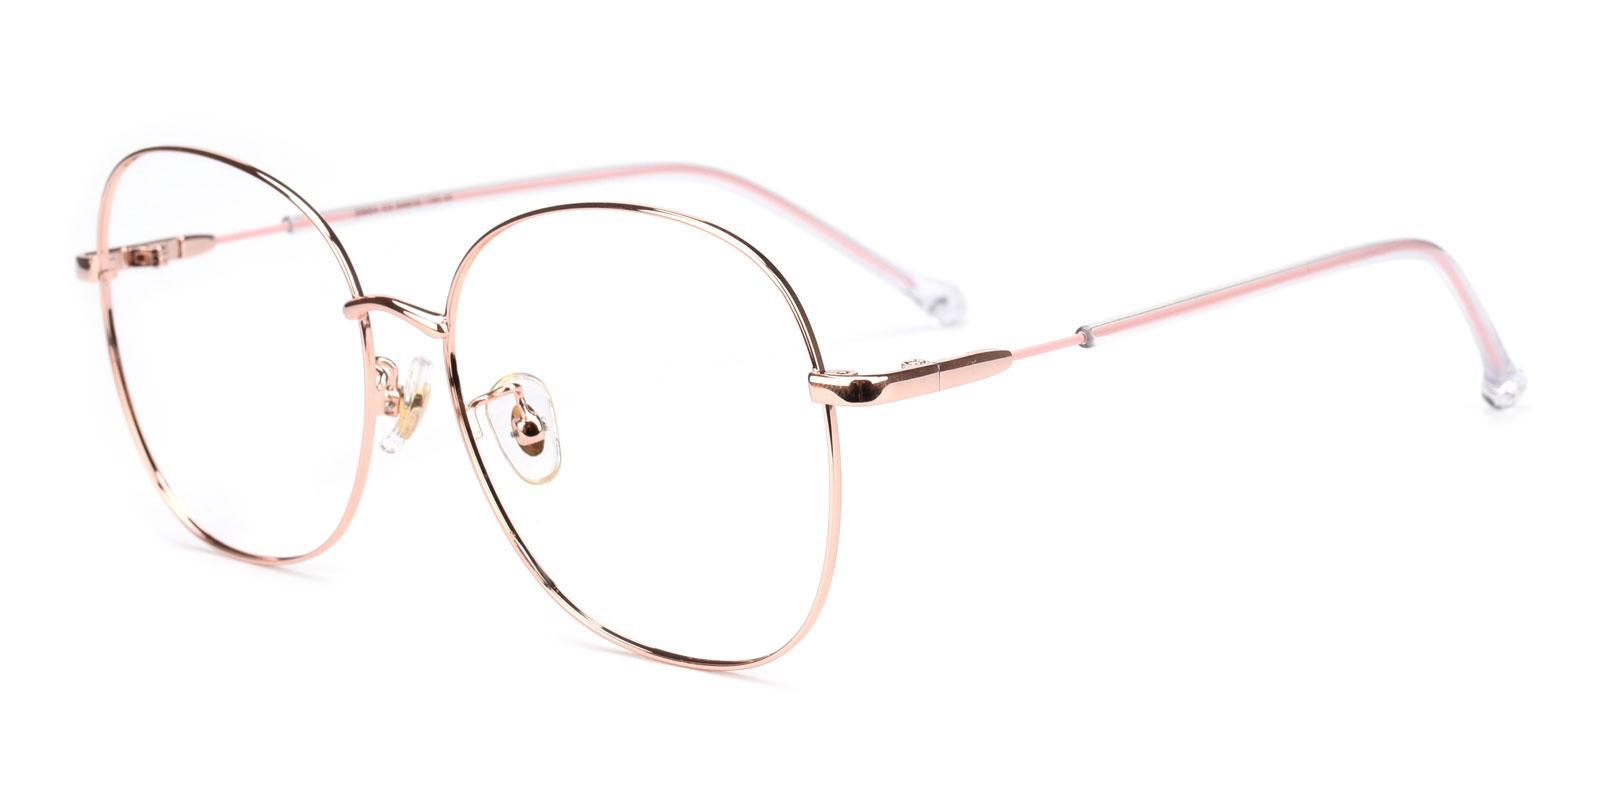 Goodbye-Pink-Round-Metal-Eyeglasses-detail